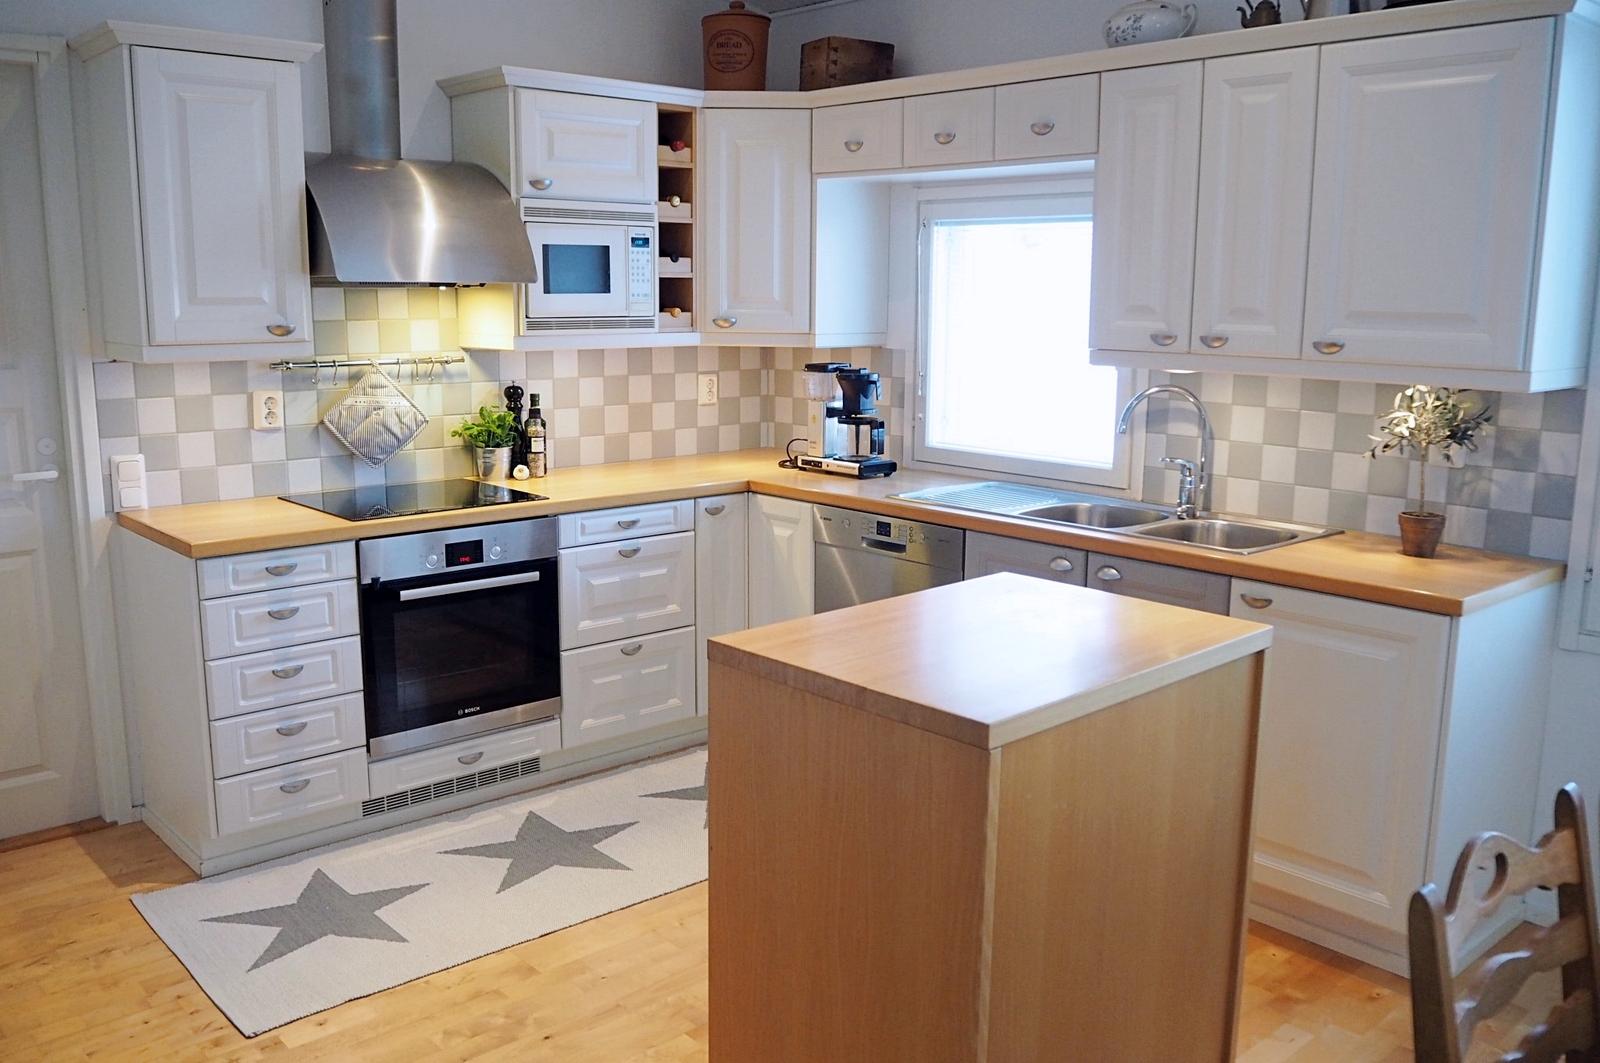 Tilavassa keittiössä ruuanlaitto ja juhlien järjestäminen onnistuu vaivattomasti